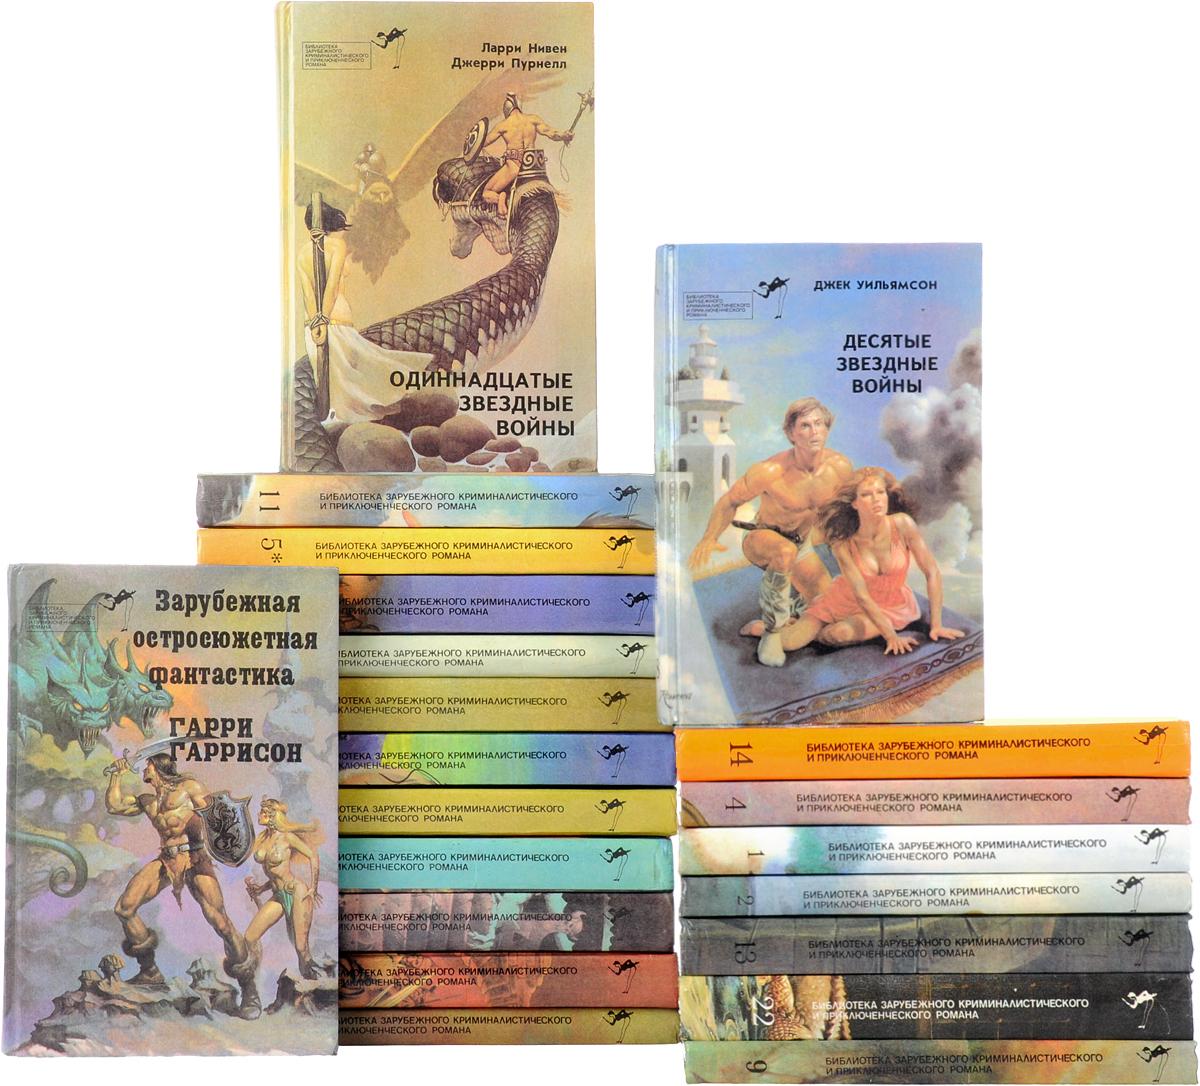 Библиотека зарубежного криминалистического и приключенческого романа (комплект из 21 книги)